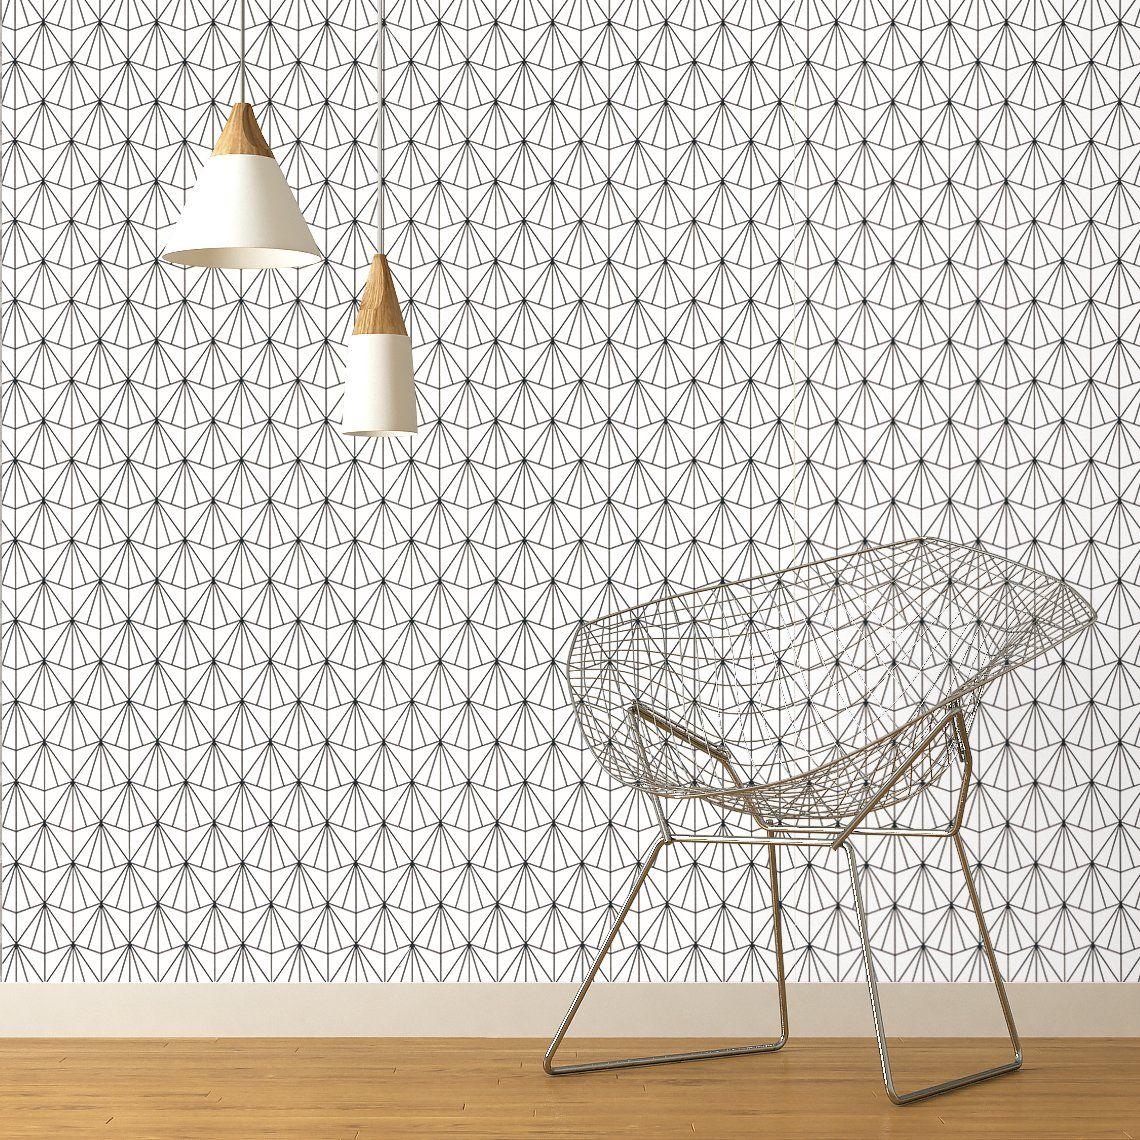 Papier peint REMI expansé sur intissé motif graphique, noir et blanc